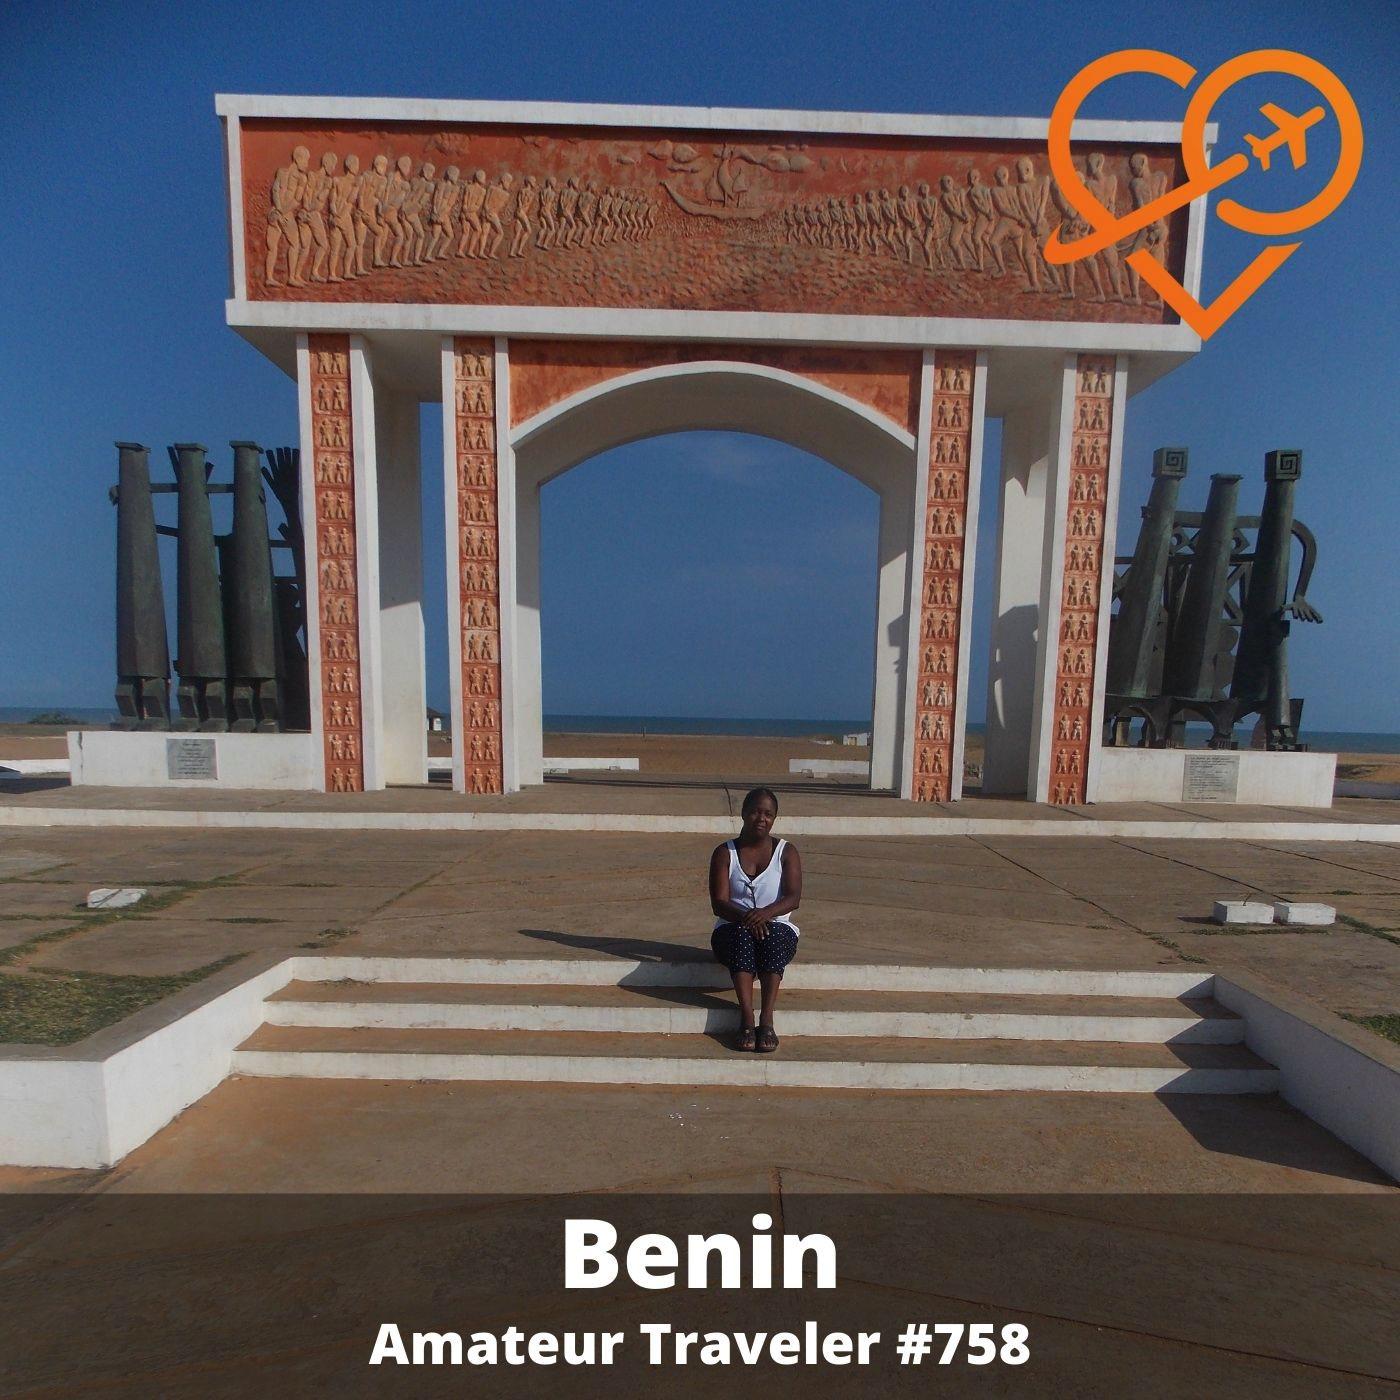 AT#758 - Travel to Benin